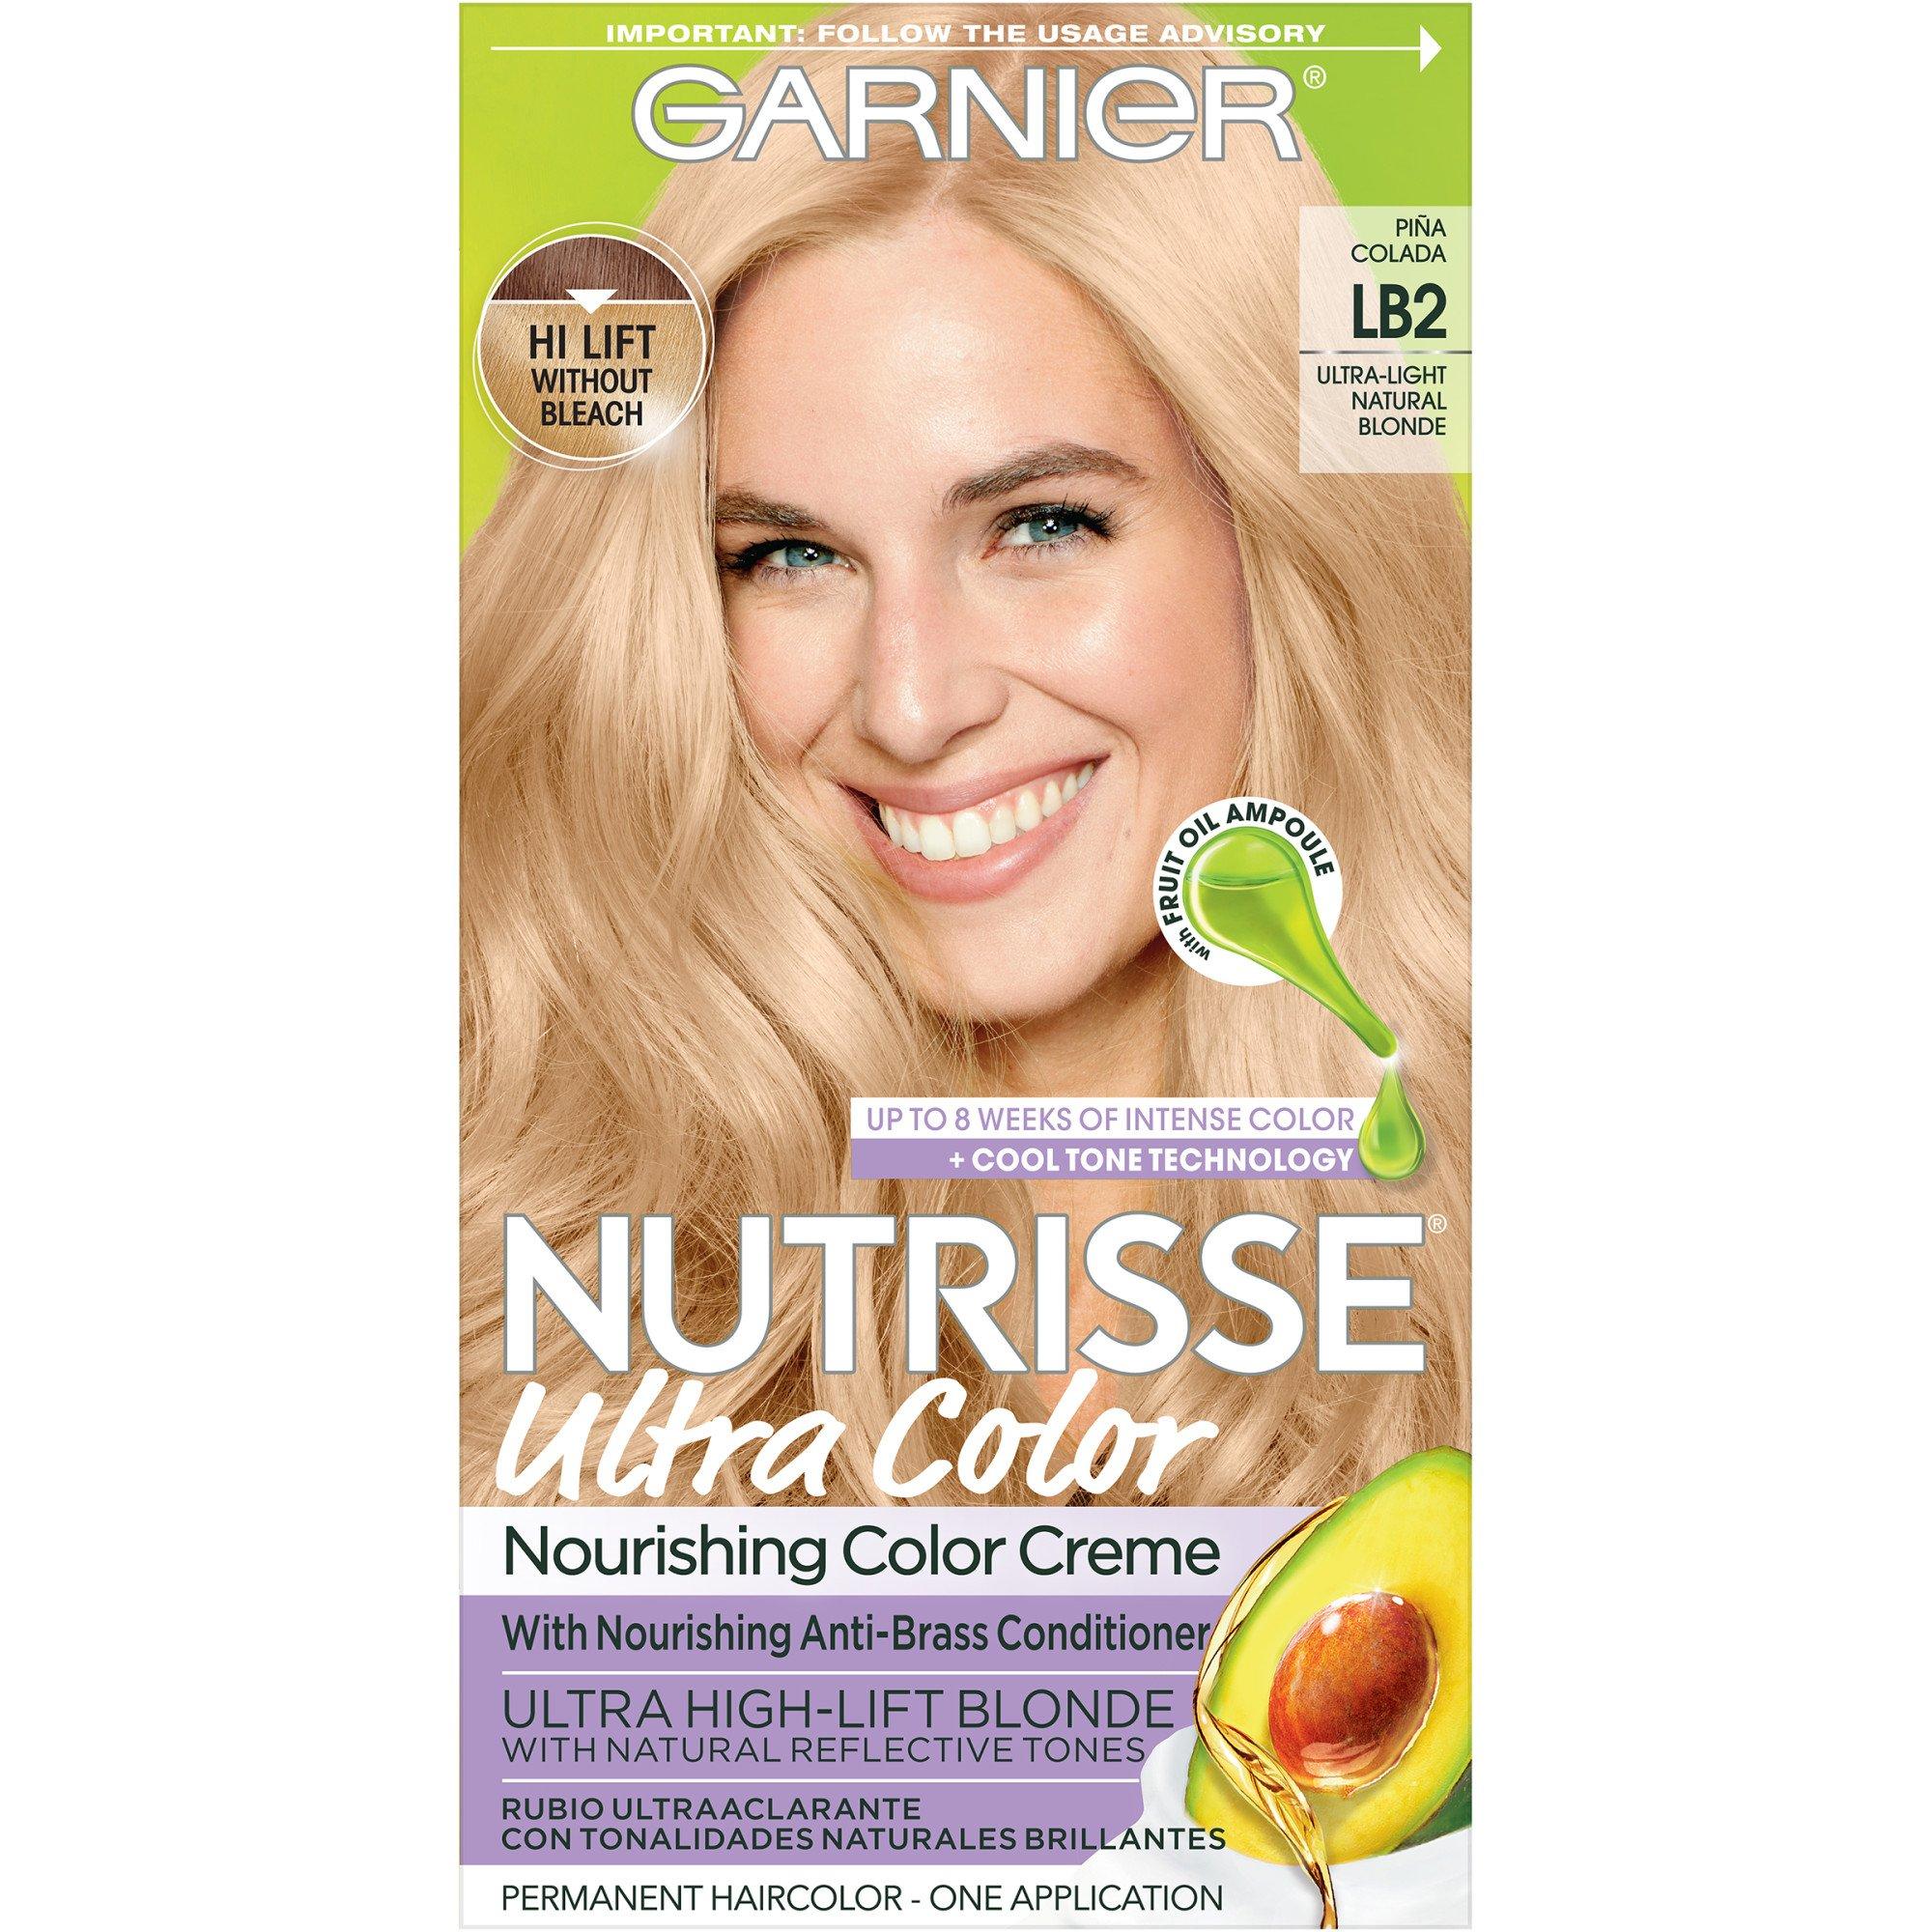 Garnier Nutrisse Nourishing Color Creme Lb2 Ultra Light Natural